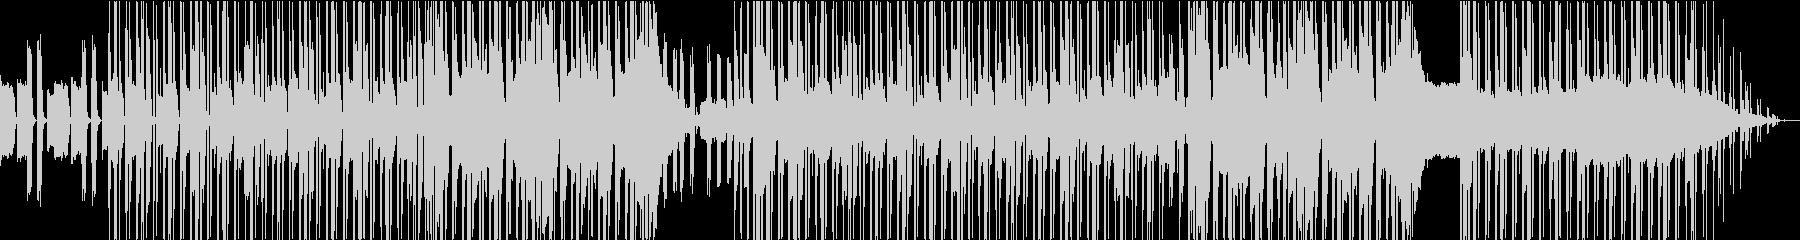 ギャングラップ 積極的 焦り 不条...の未再生の波形